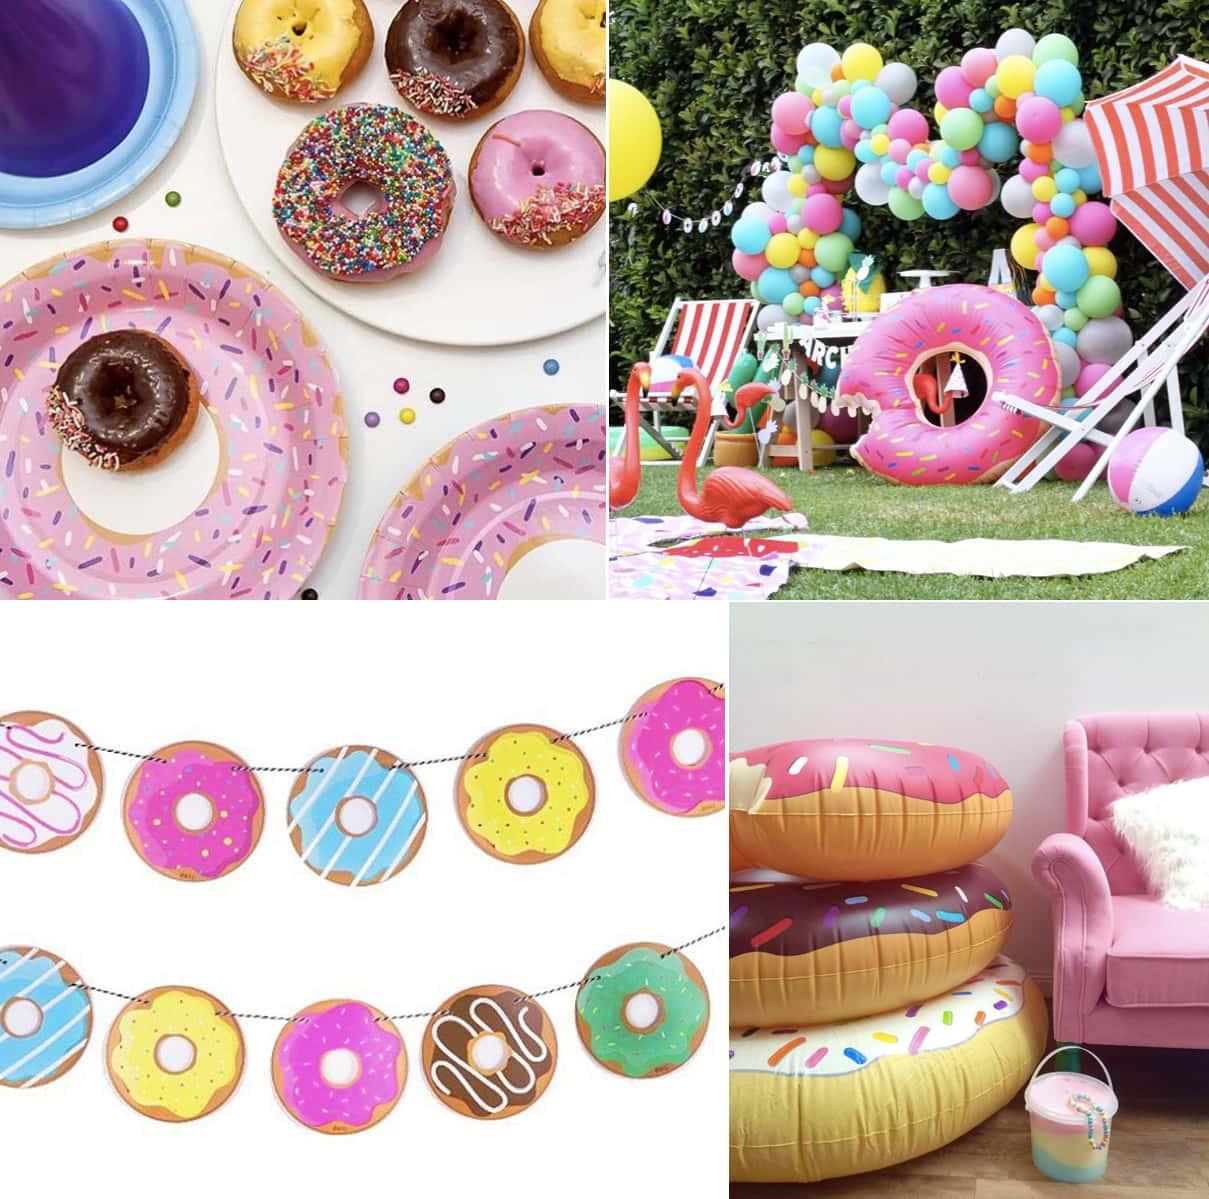 doughnut theme party ideas